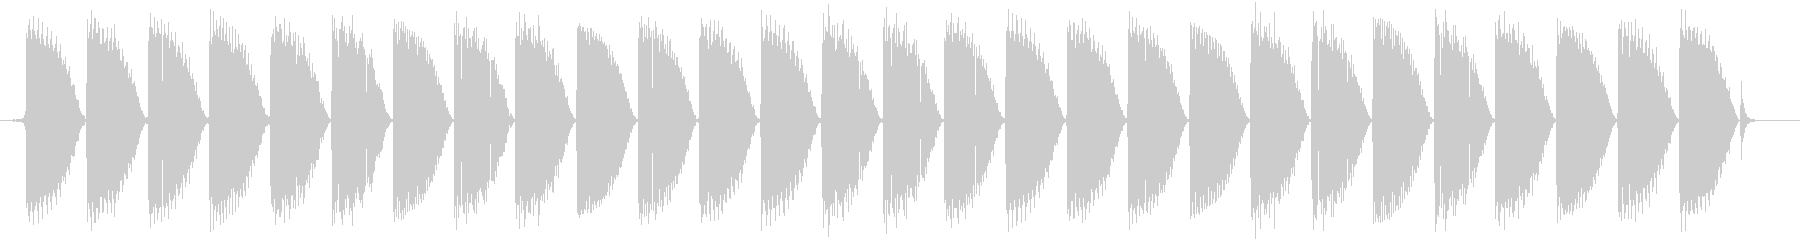 ピロリロリロ、というルーレットマシンの…の未再生の波形